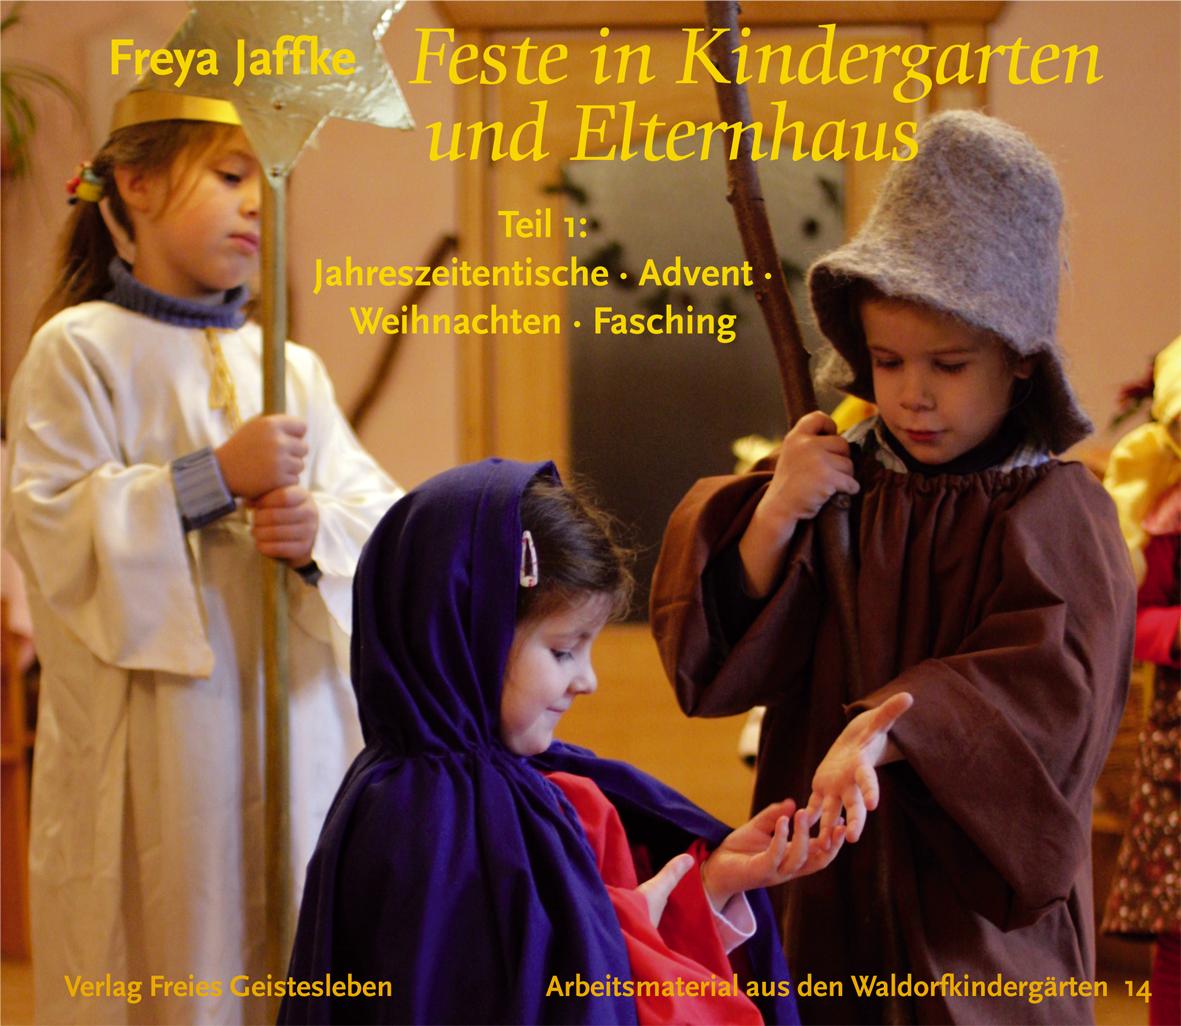 Feste In Kindergarten Und Elternhaus Verlag Freies Geistesleben